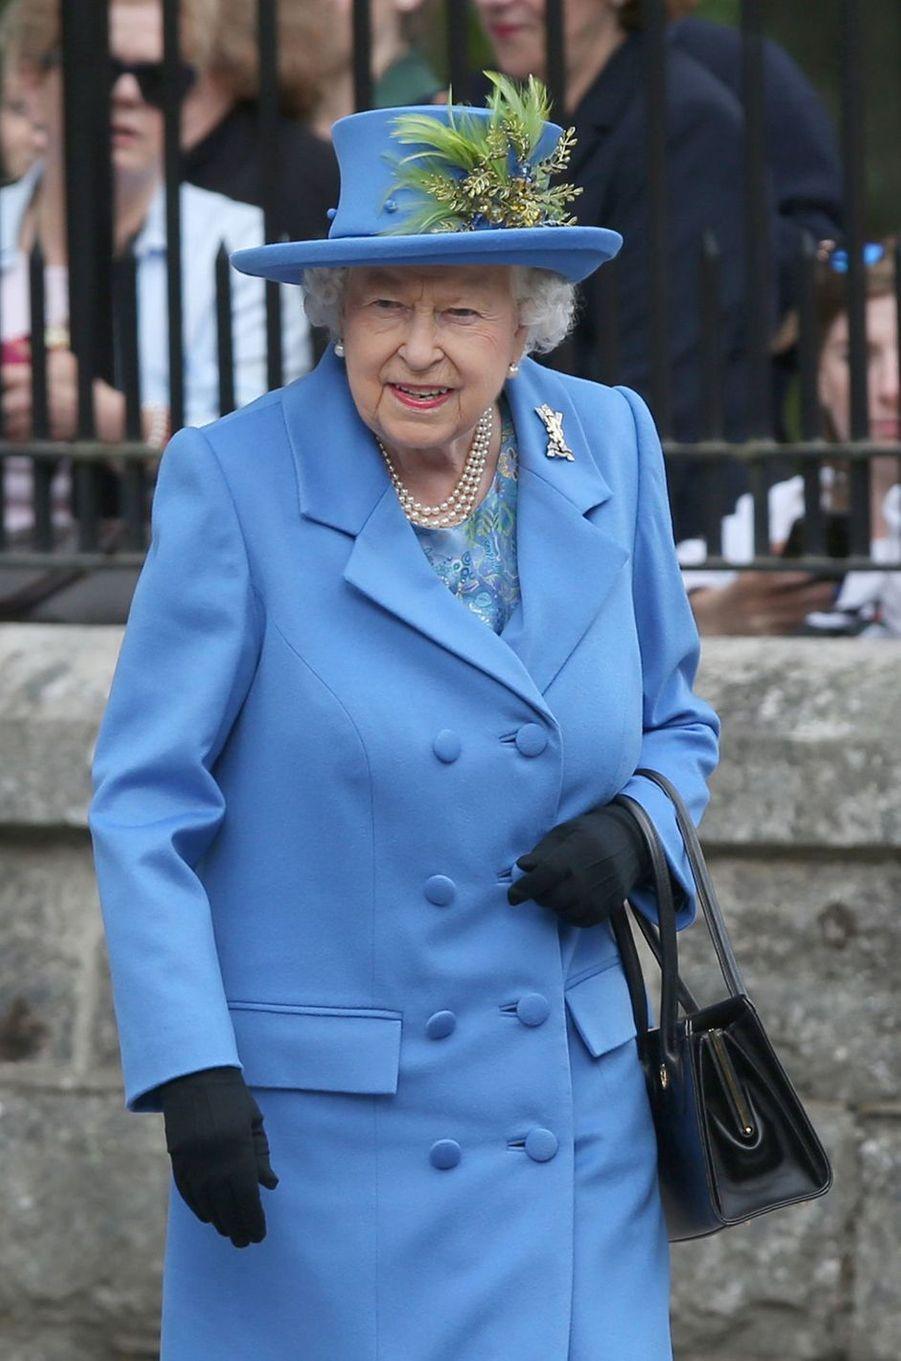 La reine Elizabeth II, en bleu ciel, devant le château de Balmoral, le 6 août 2018